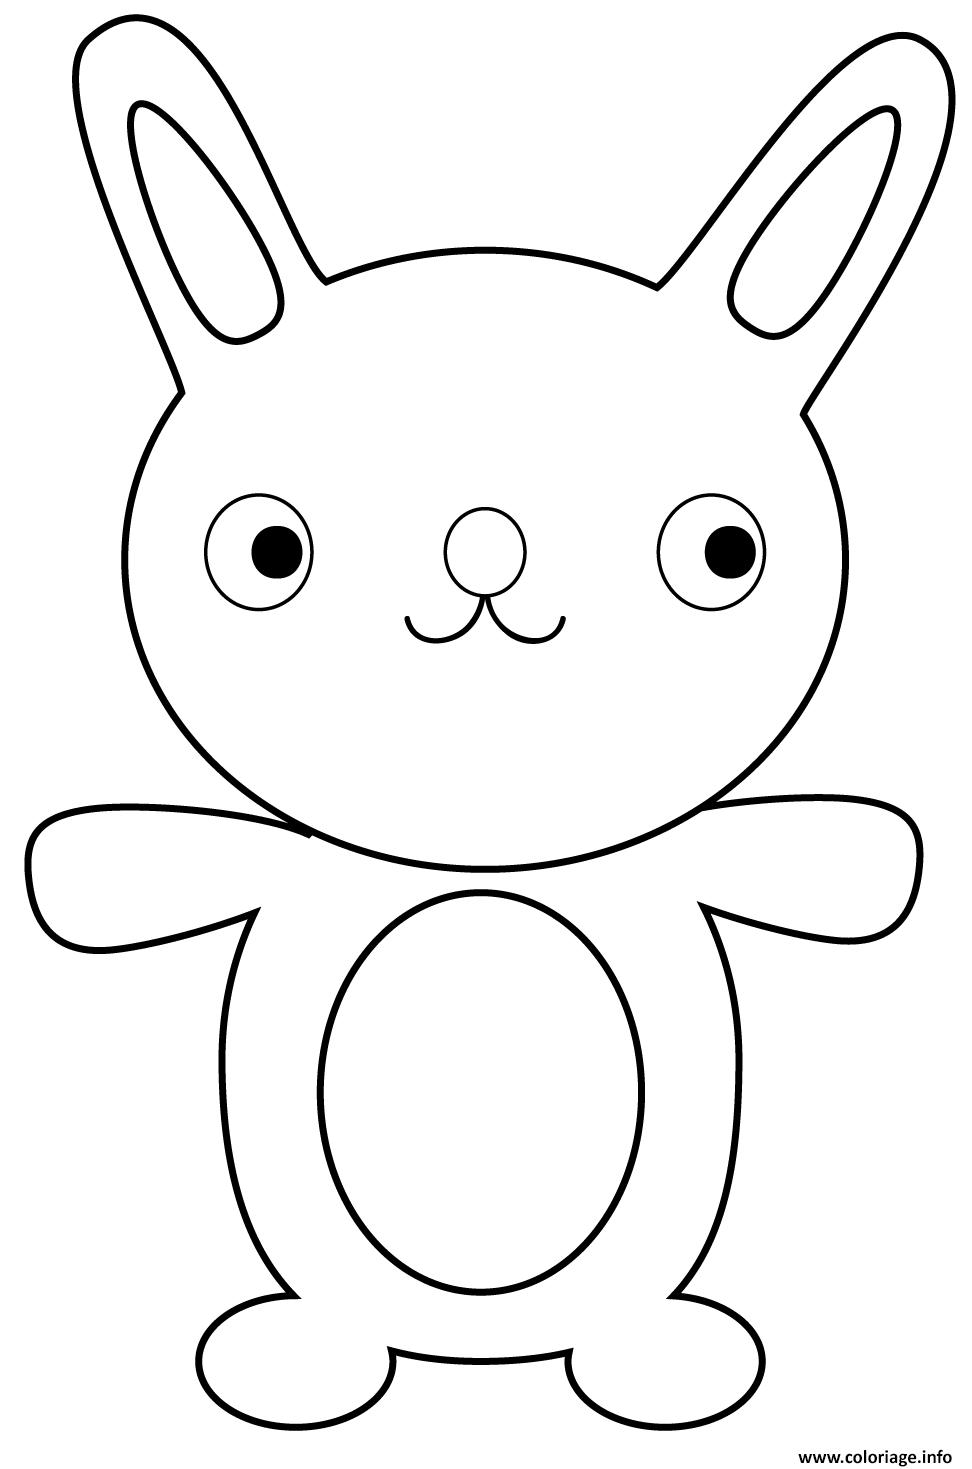 Dessin lapin dessin anime cartoon rigolo Coloriage Gratuit à Imprimer